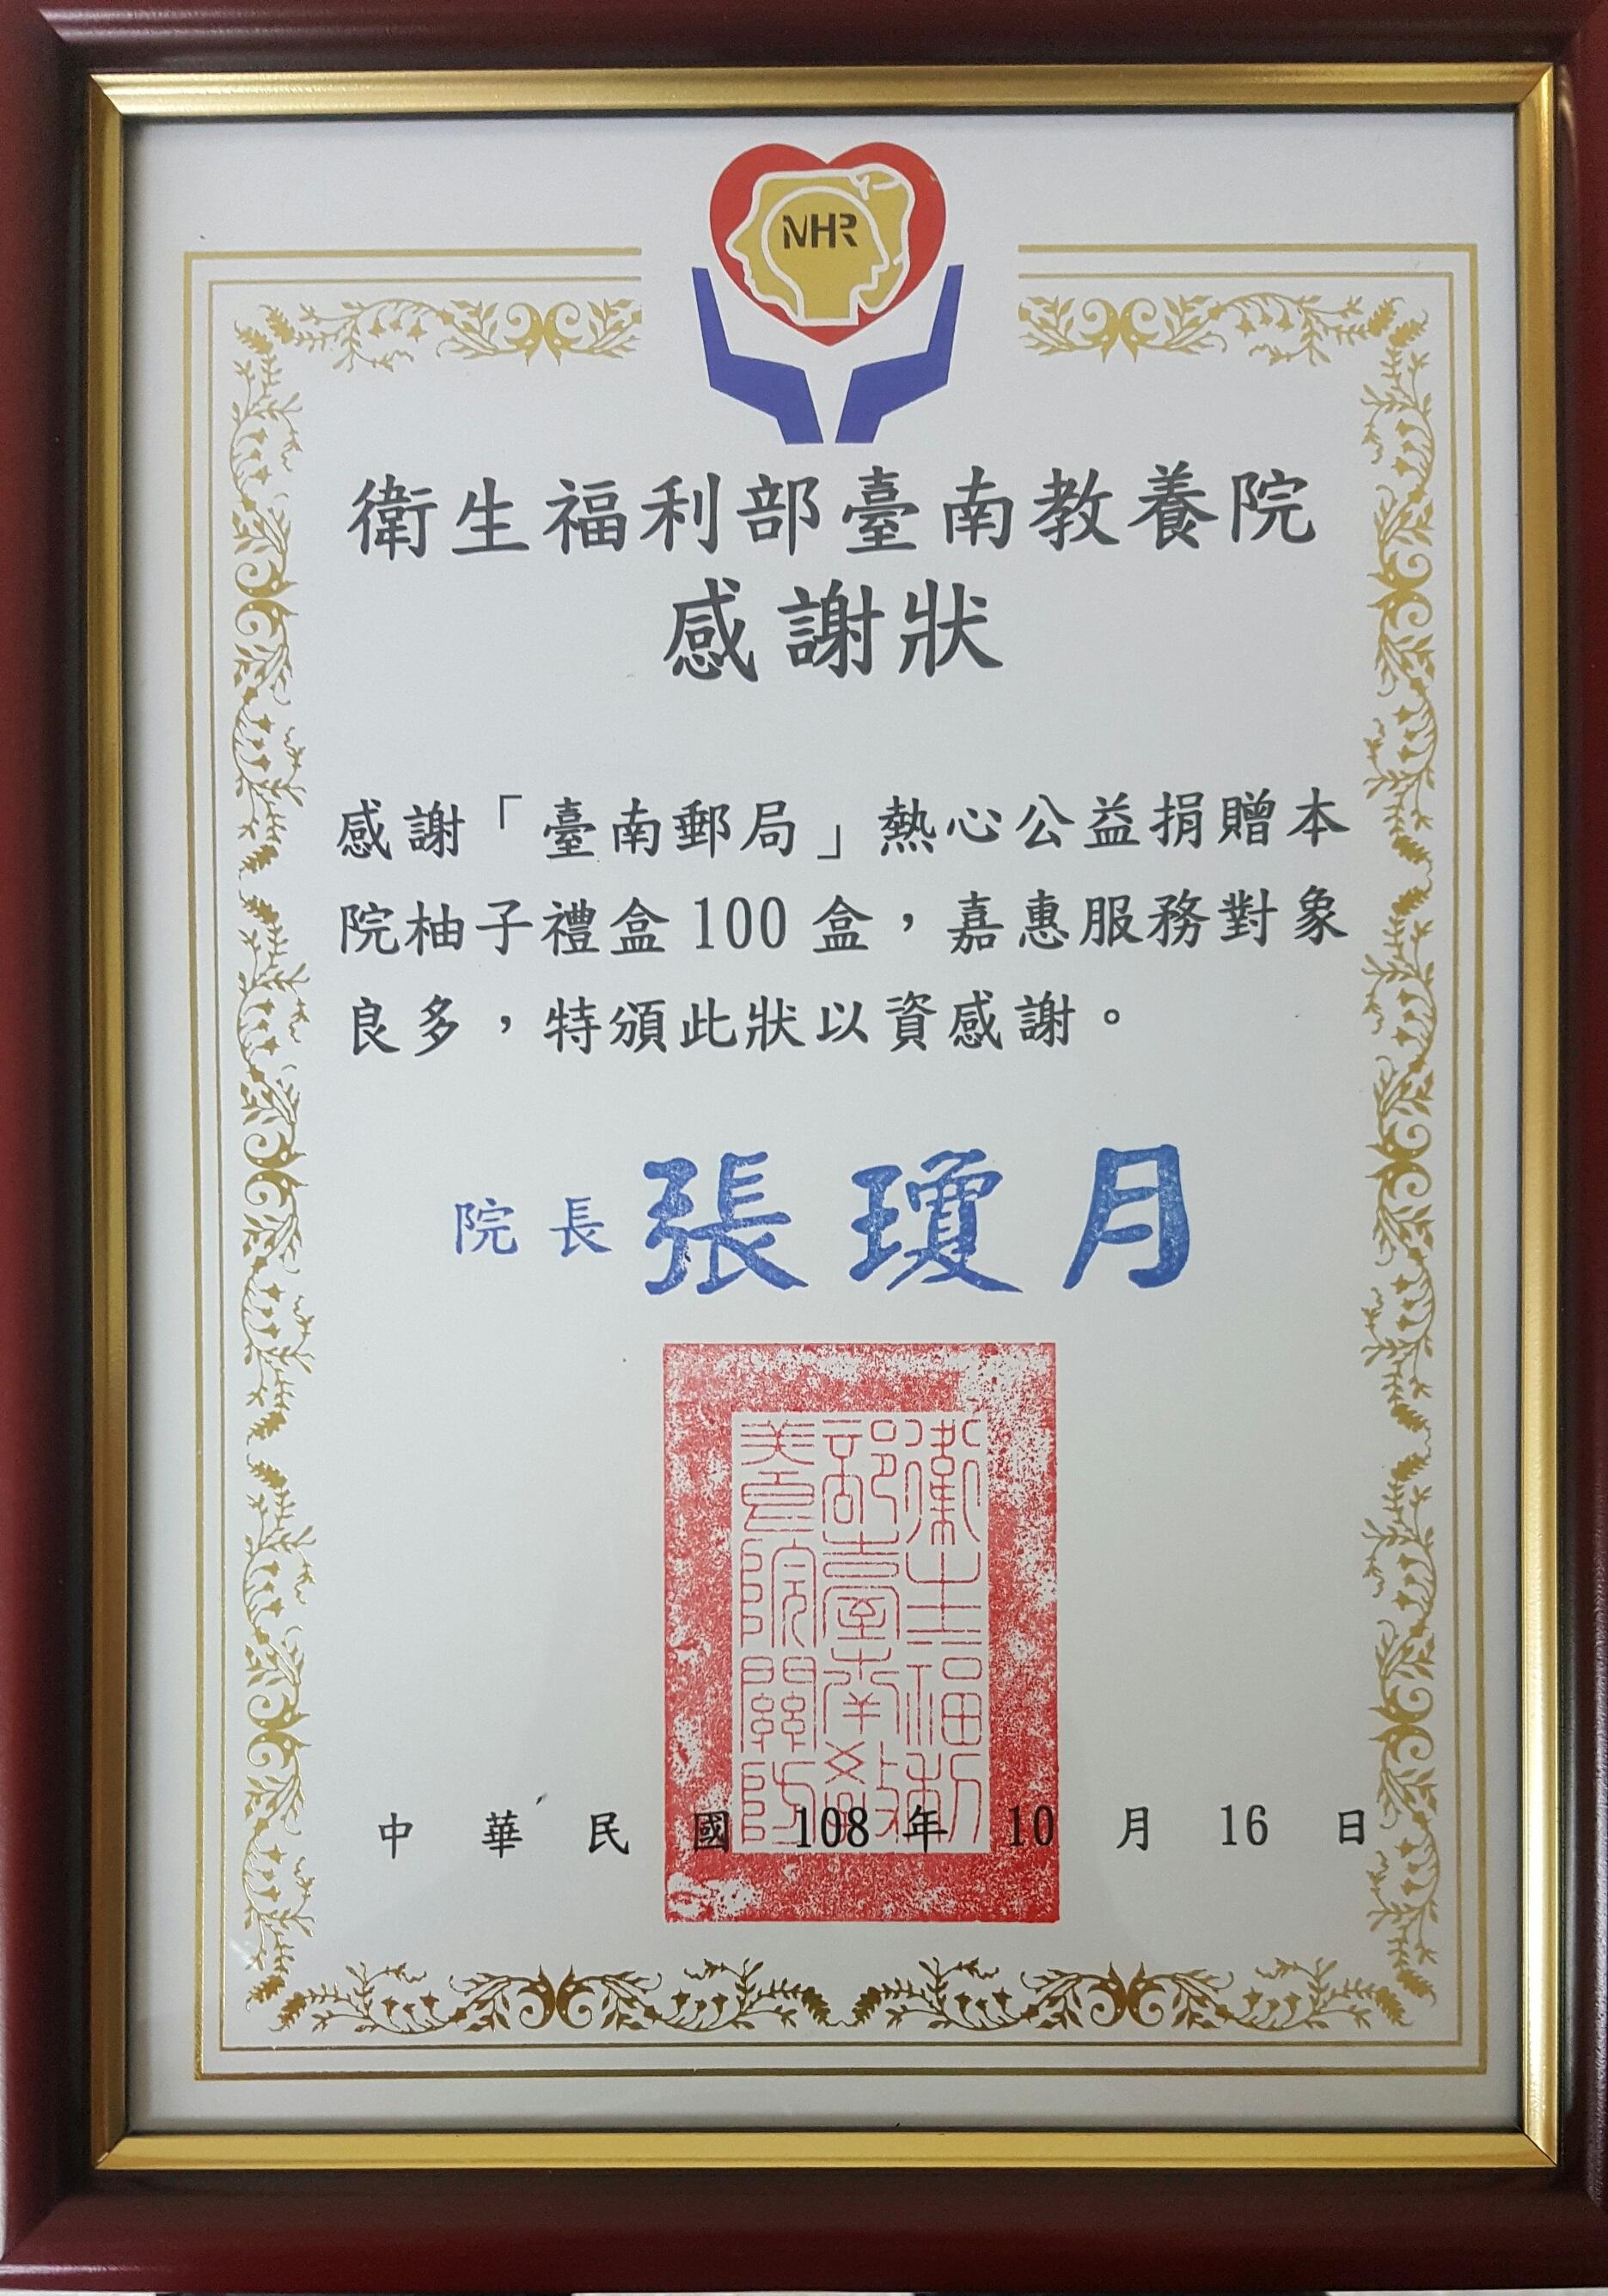 臺南郵局108年「中華郵政不老運動─銀髮踏青樂悠郵」活動